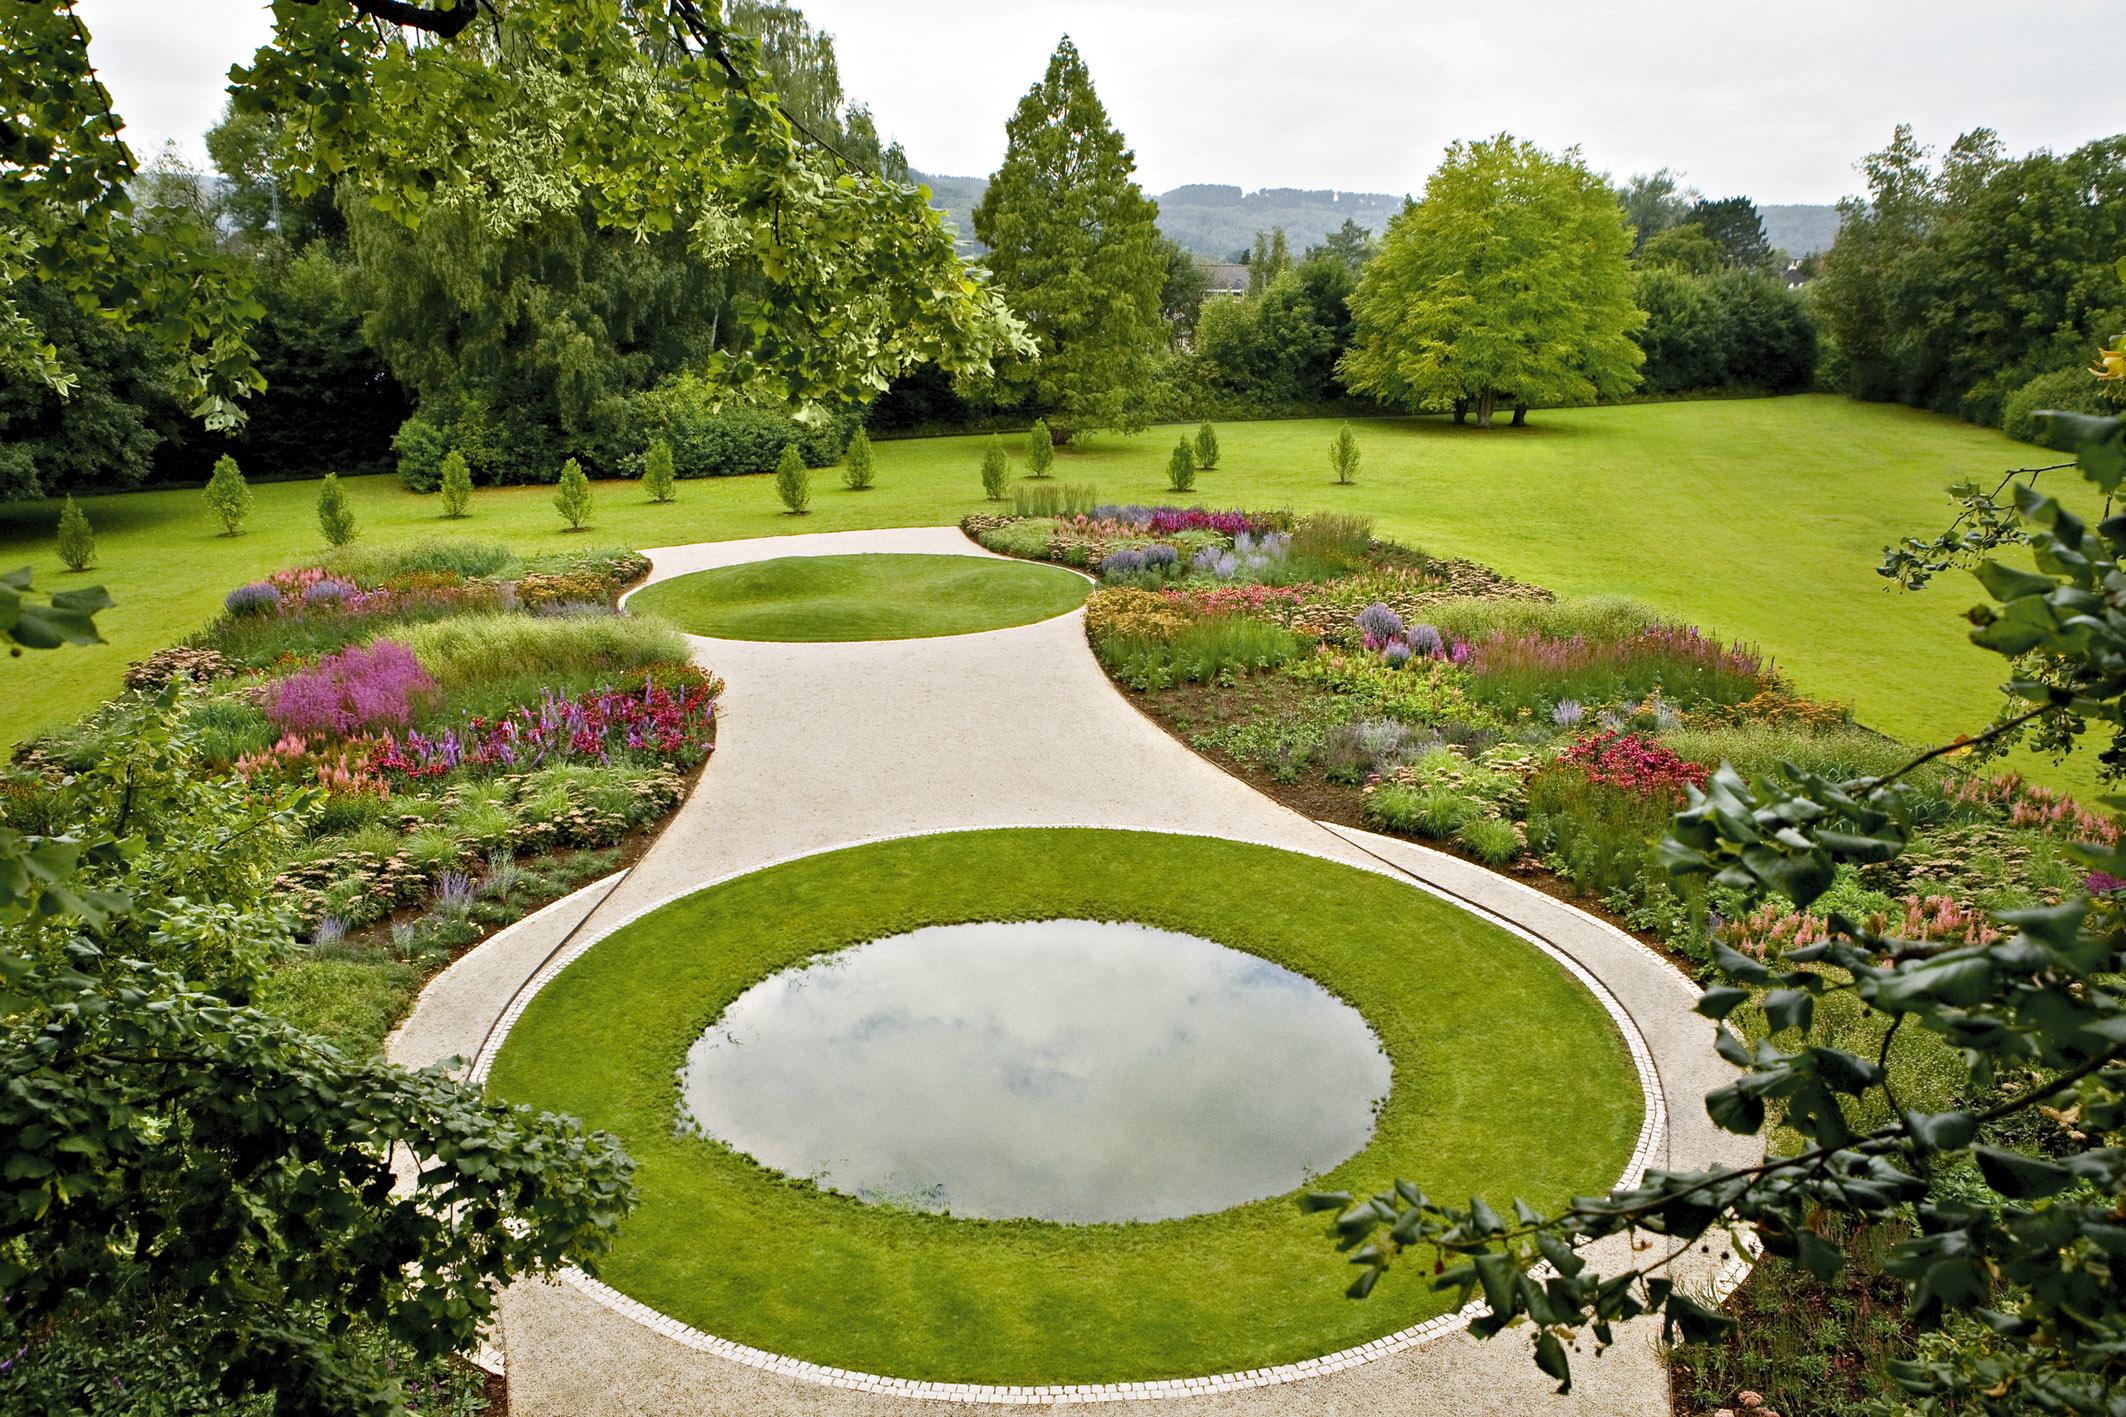 Oudolfs Garten im Gräflichen Park Bad Driburg, Christopher Figge, CC_BY_3.0